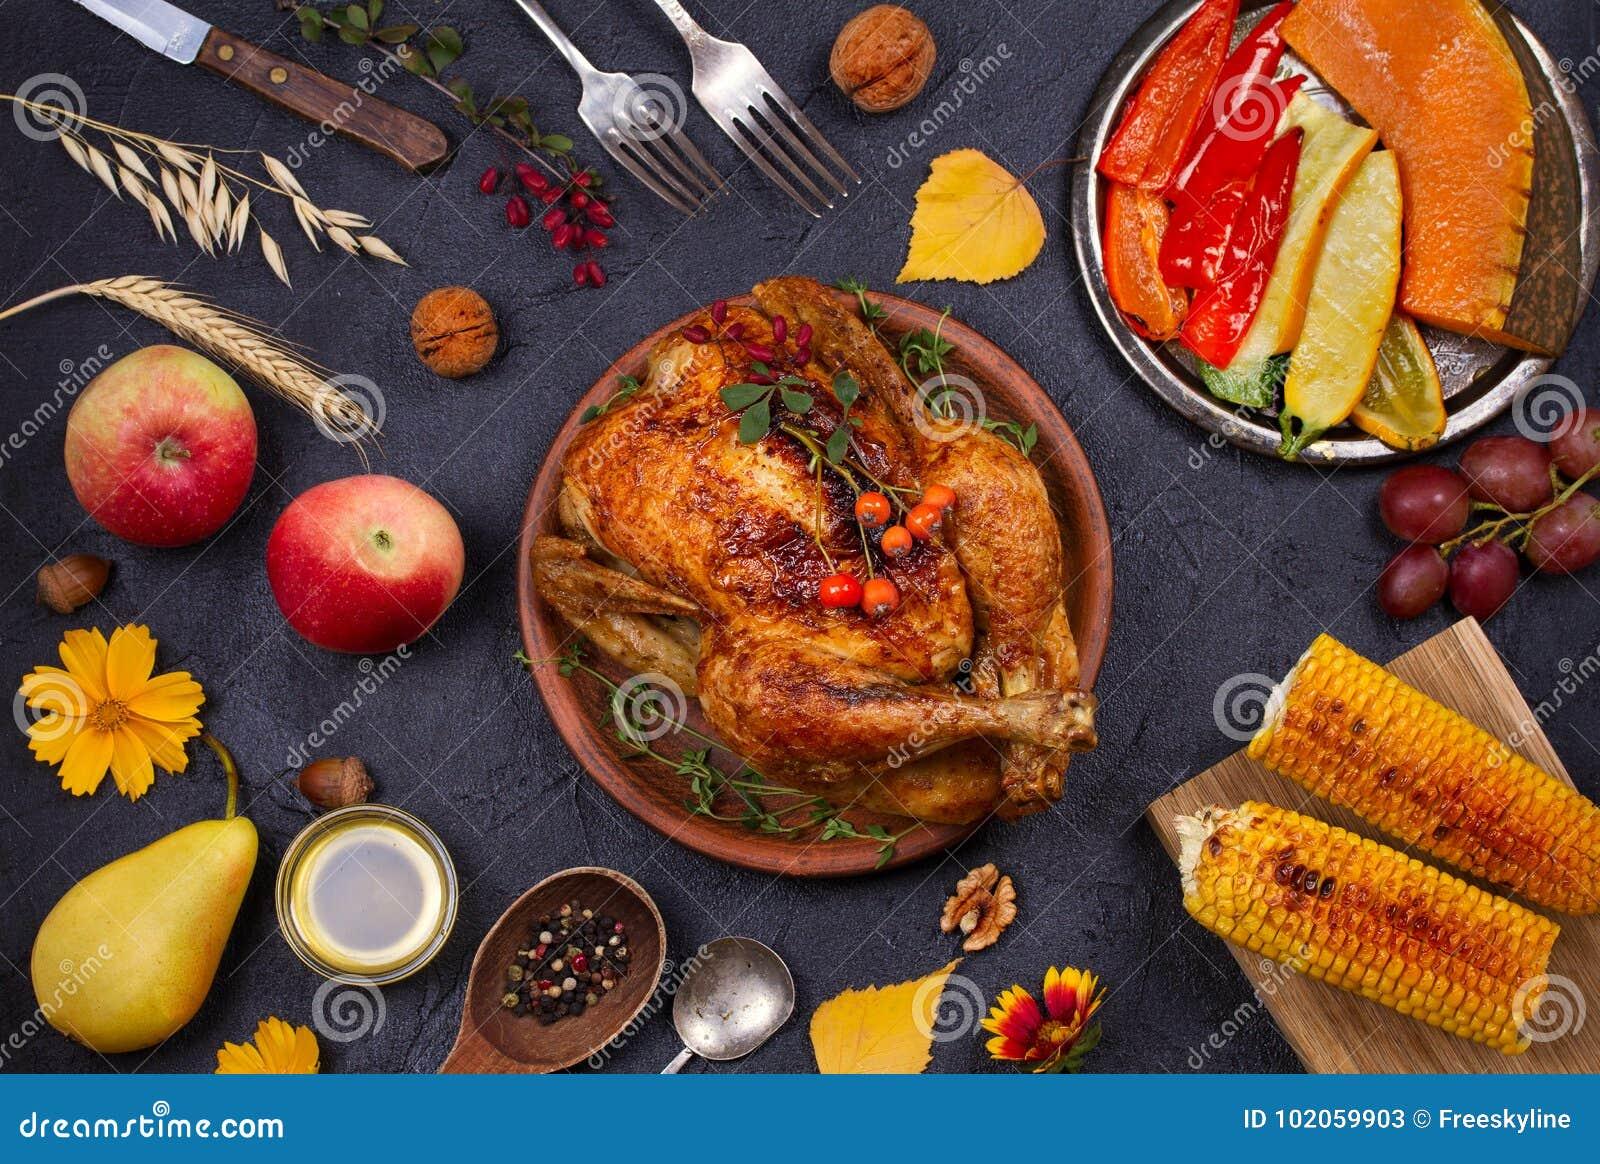 Kurczak Lub Indyk Jesieni Karmowy Lasowanie Dziekczynienia Zniwa I